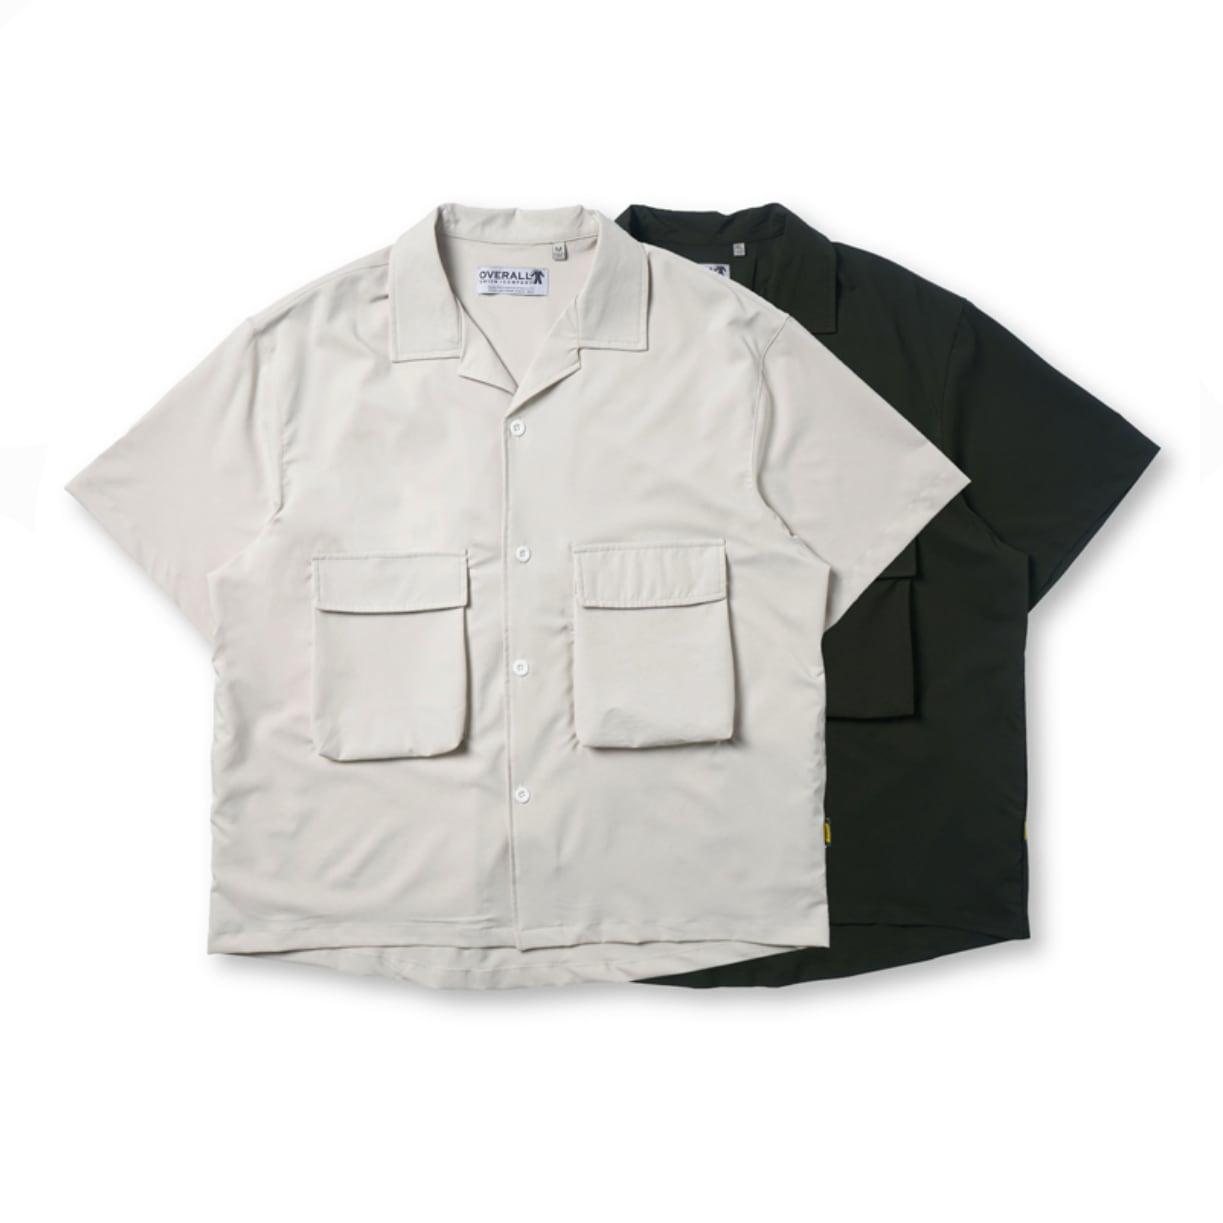 【UNISEX】アウトドア マルチポケット ショートスリーブ シャツ UN-563